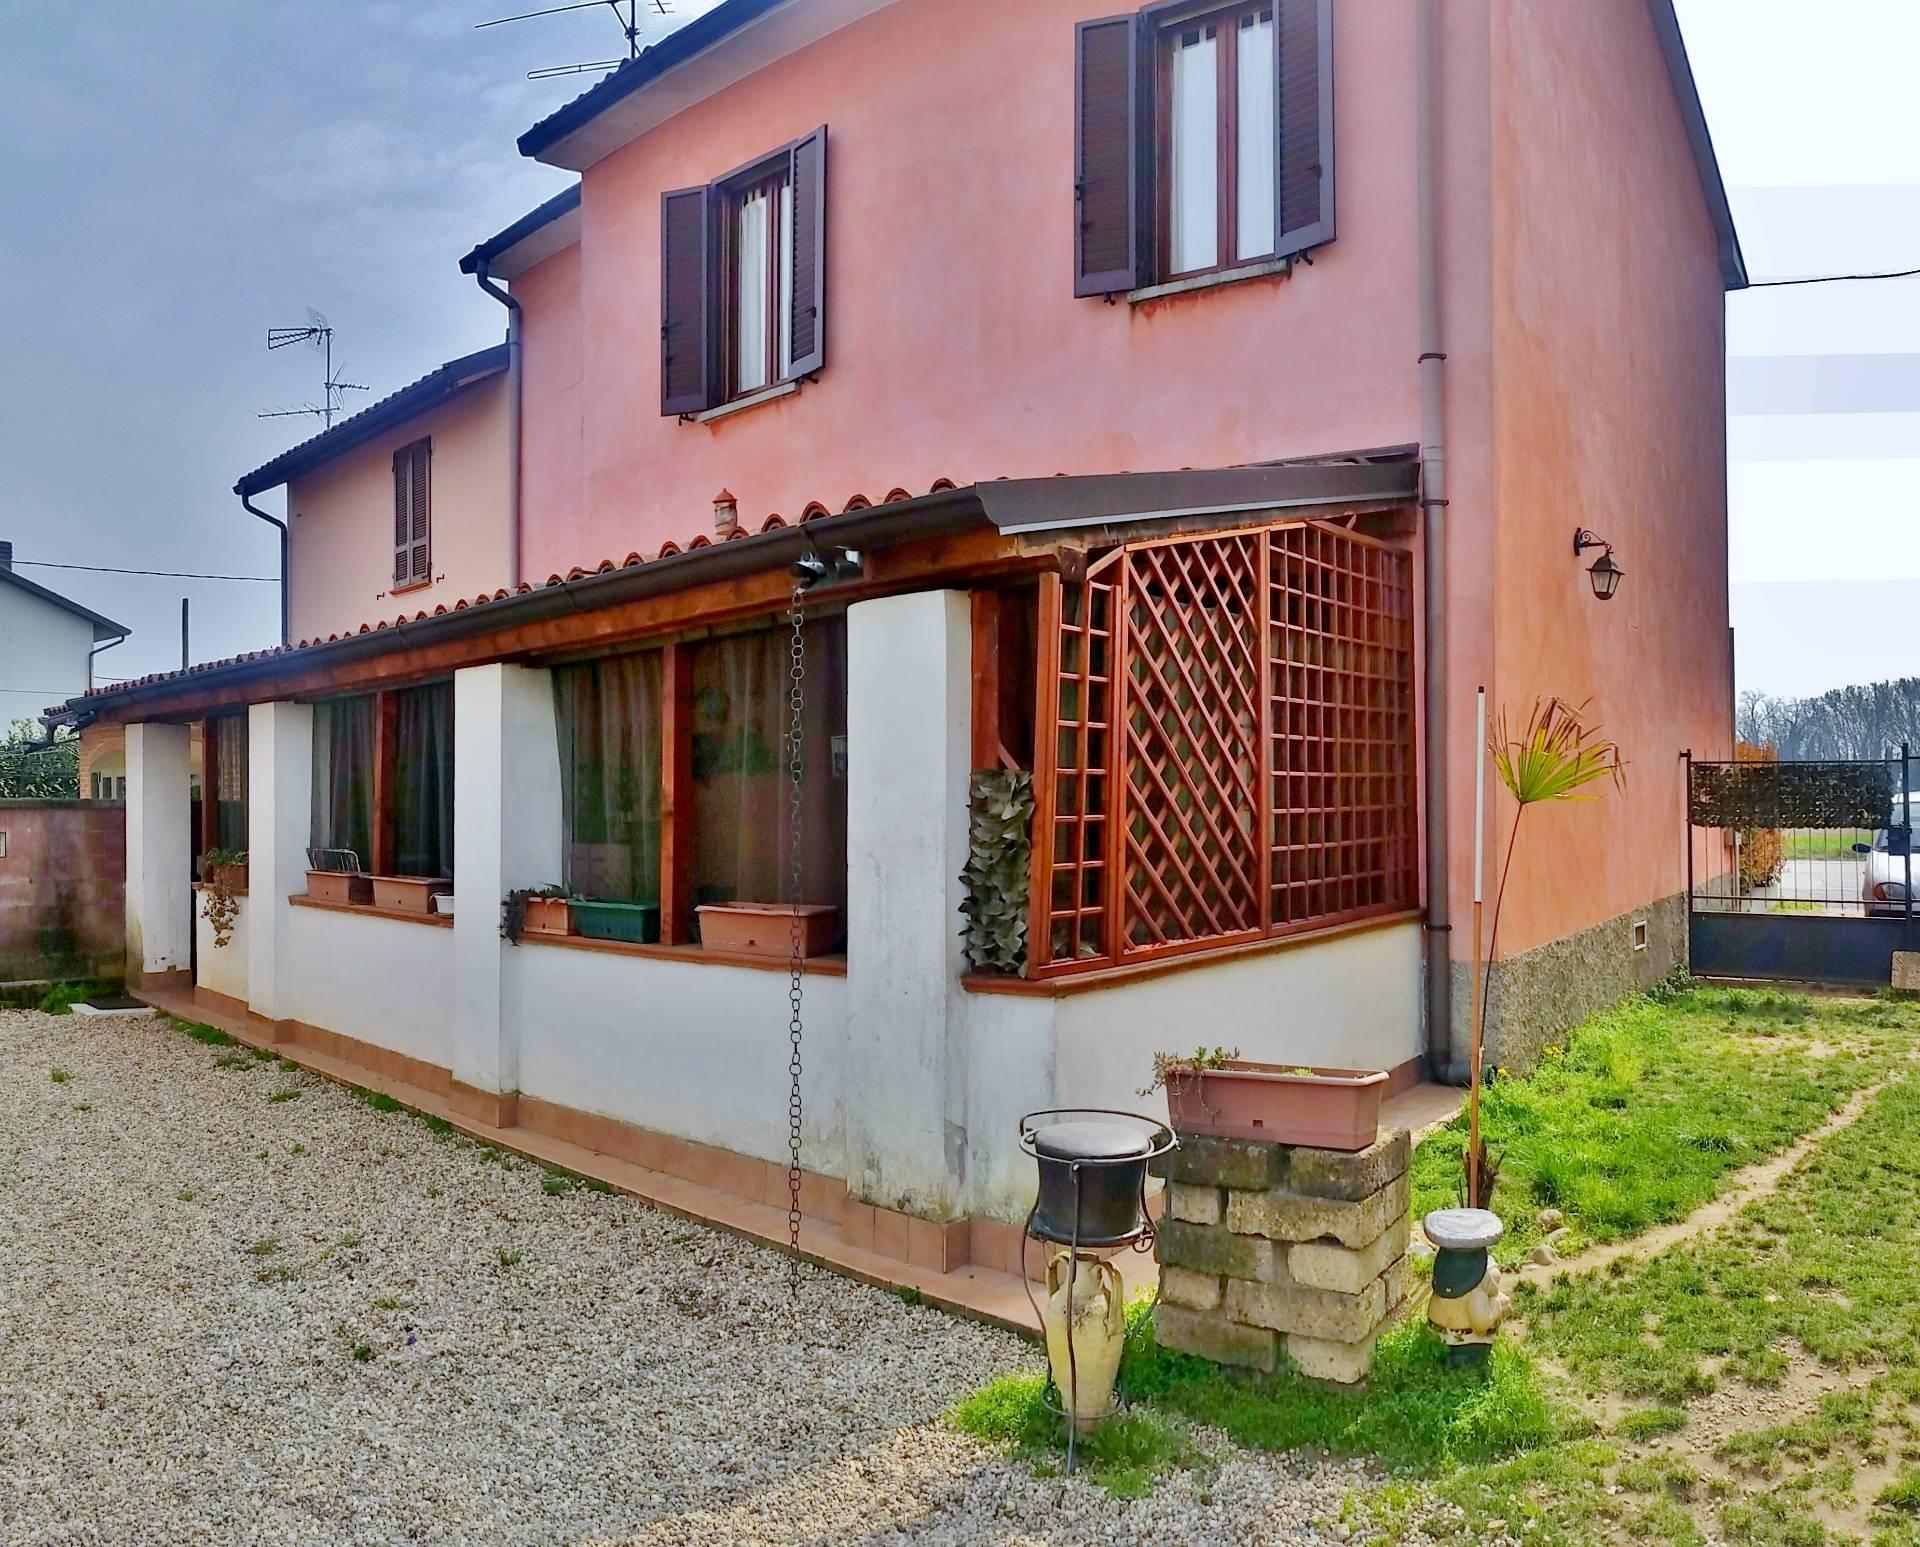 Villa a Schiera in vendita a Pieve Albignola, 4 locali, prezzo € 126.000 | CambioCasa.it